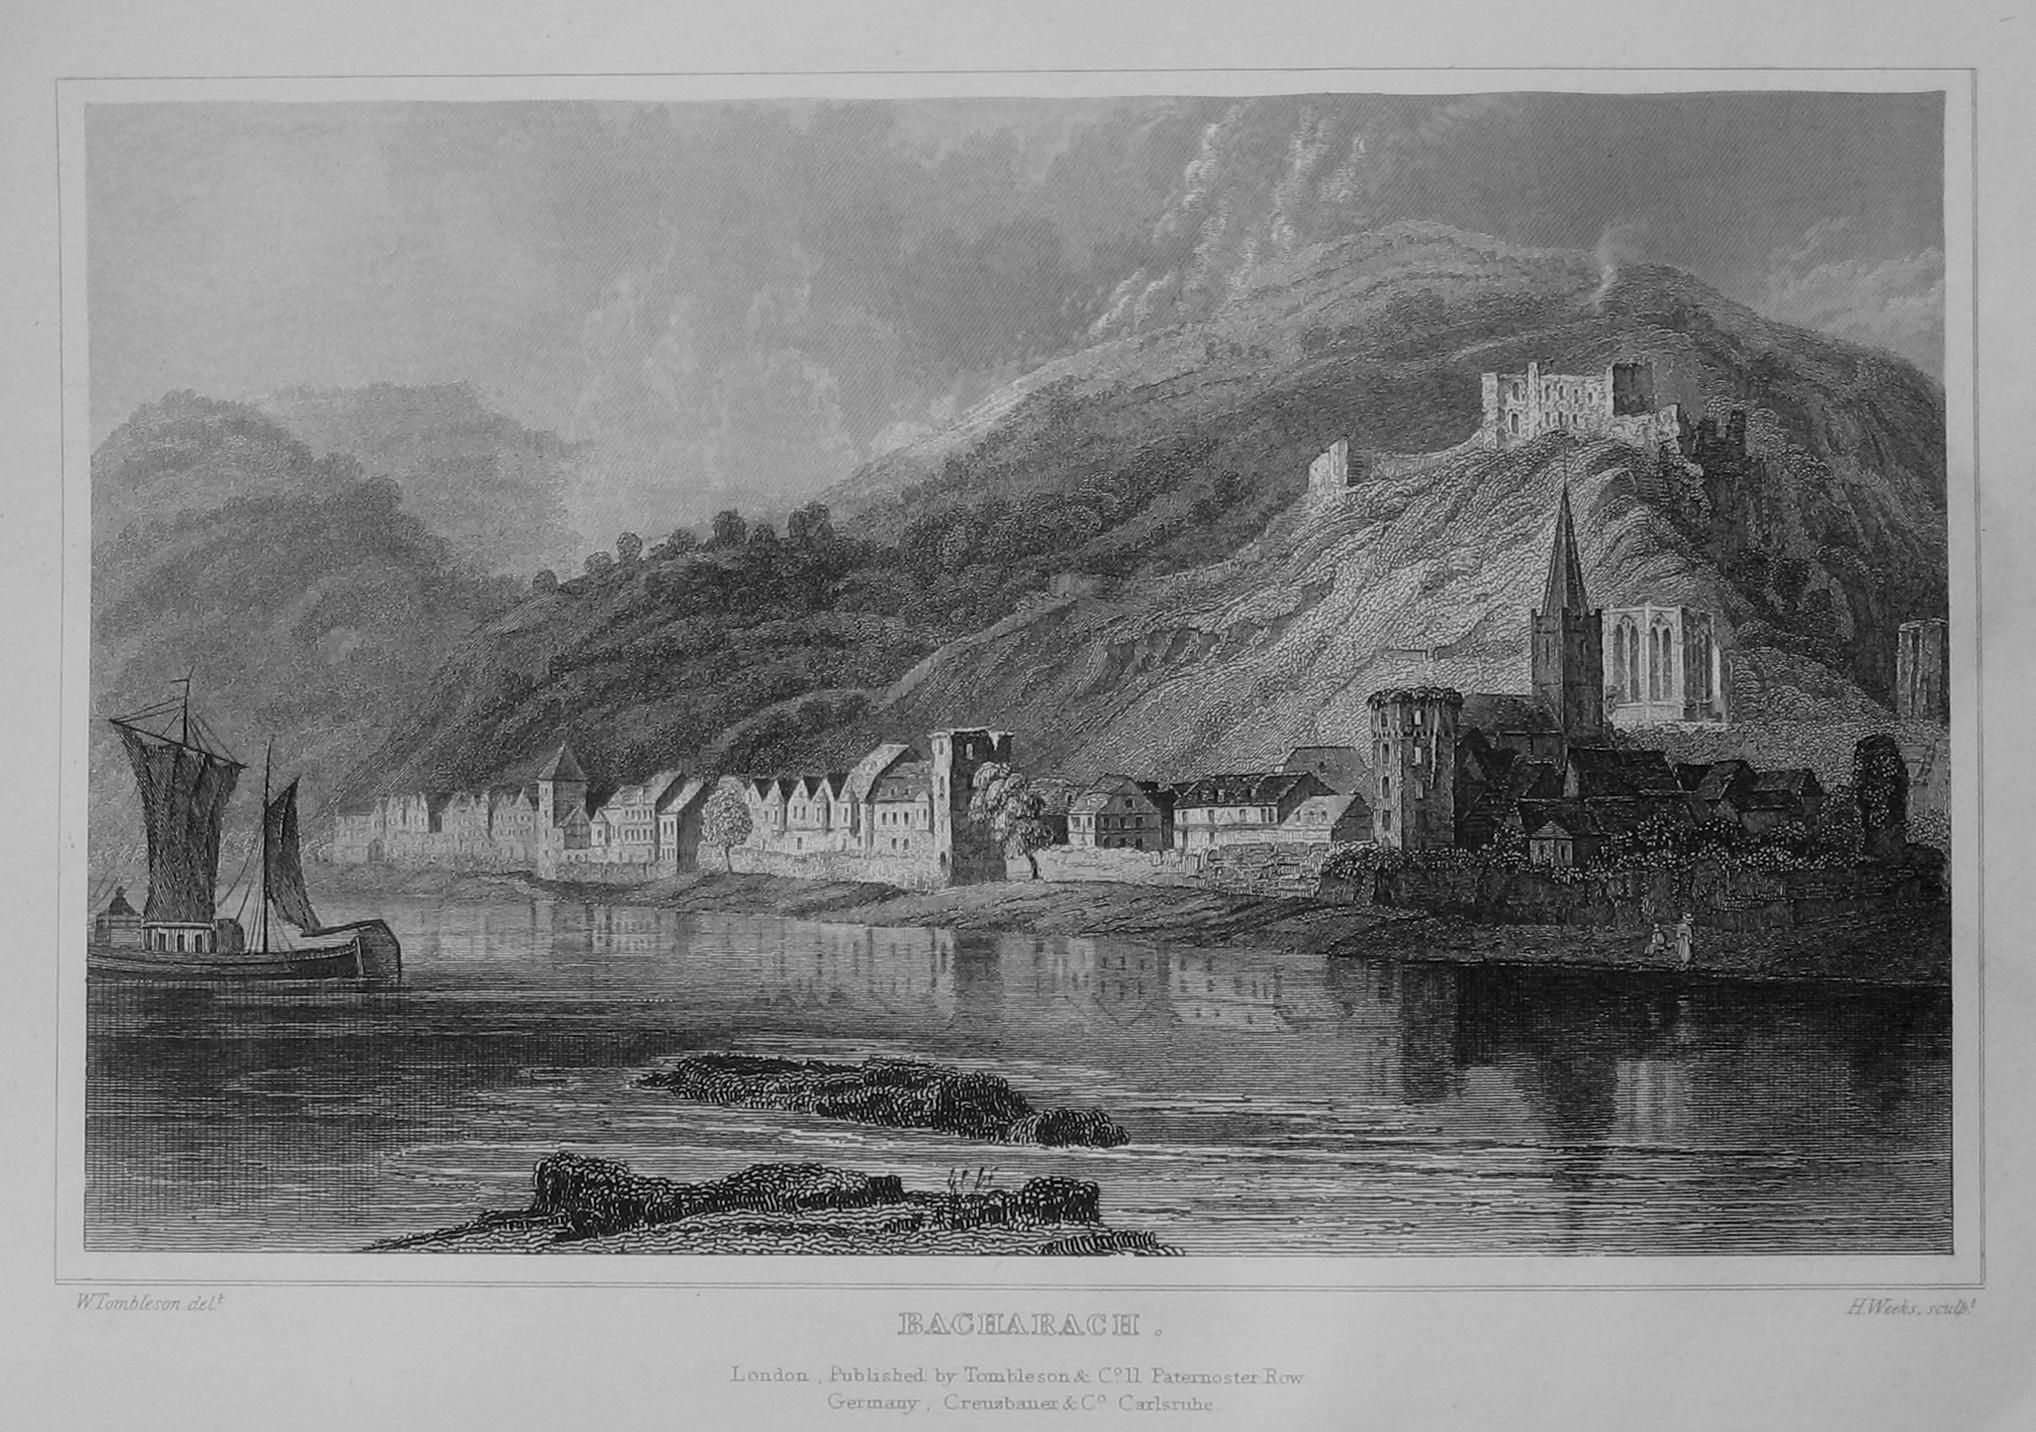 Ansicht von Bacharach 1832